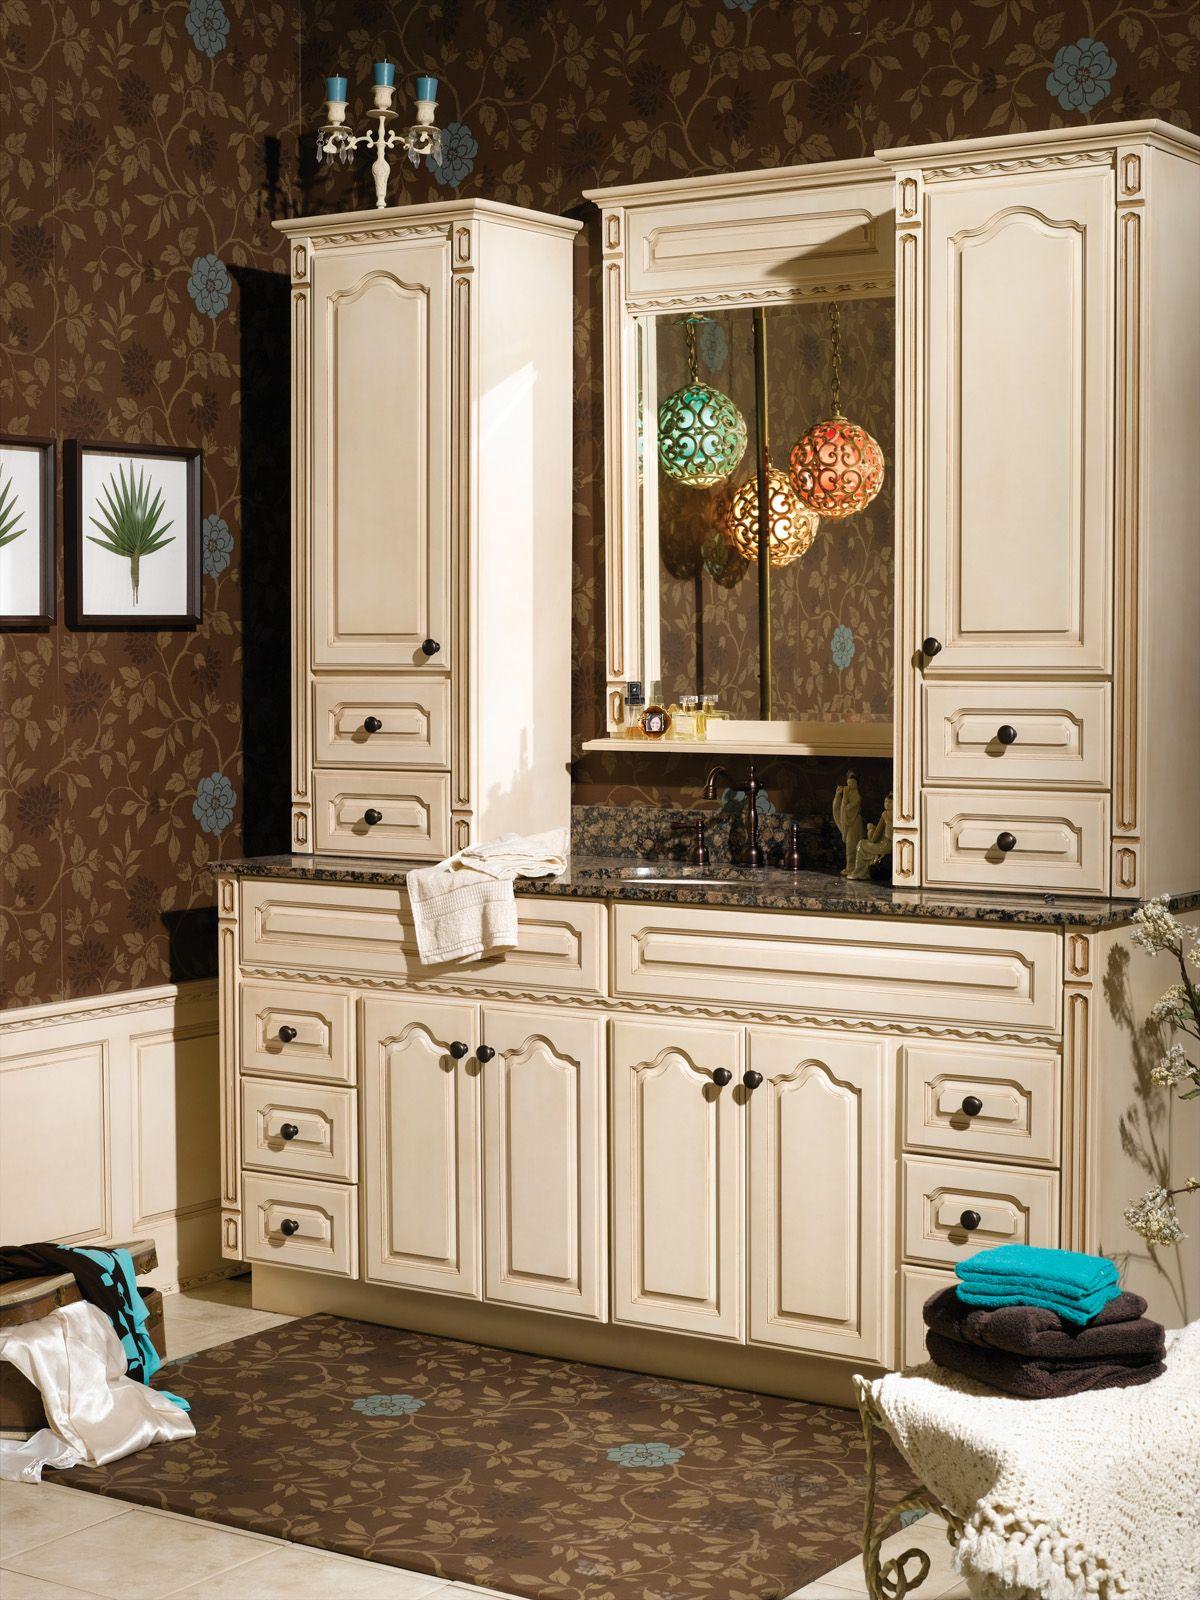 Bordeaux Birch Ivory Bertch Bathroom Cabinetry Vanities - Bertch bathroom vanity